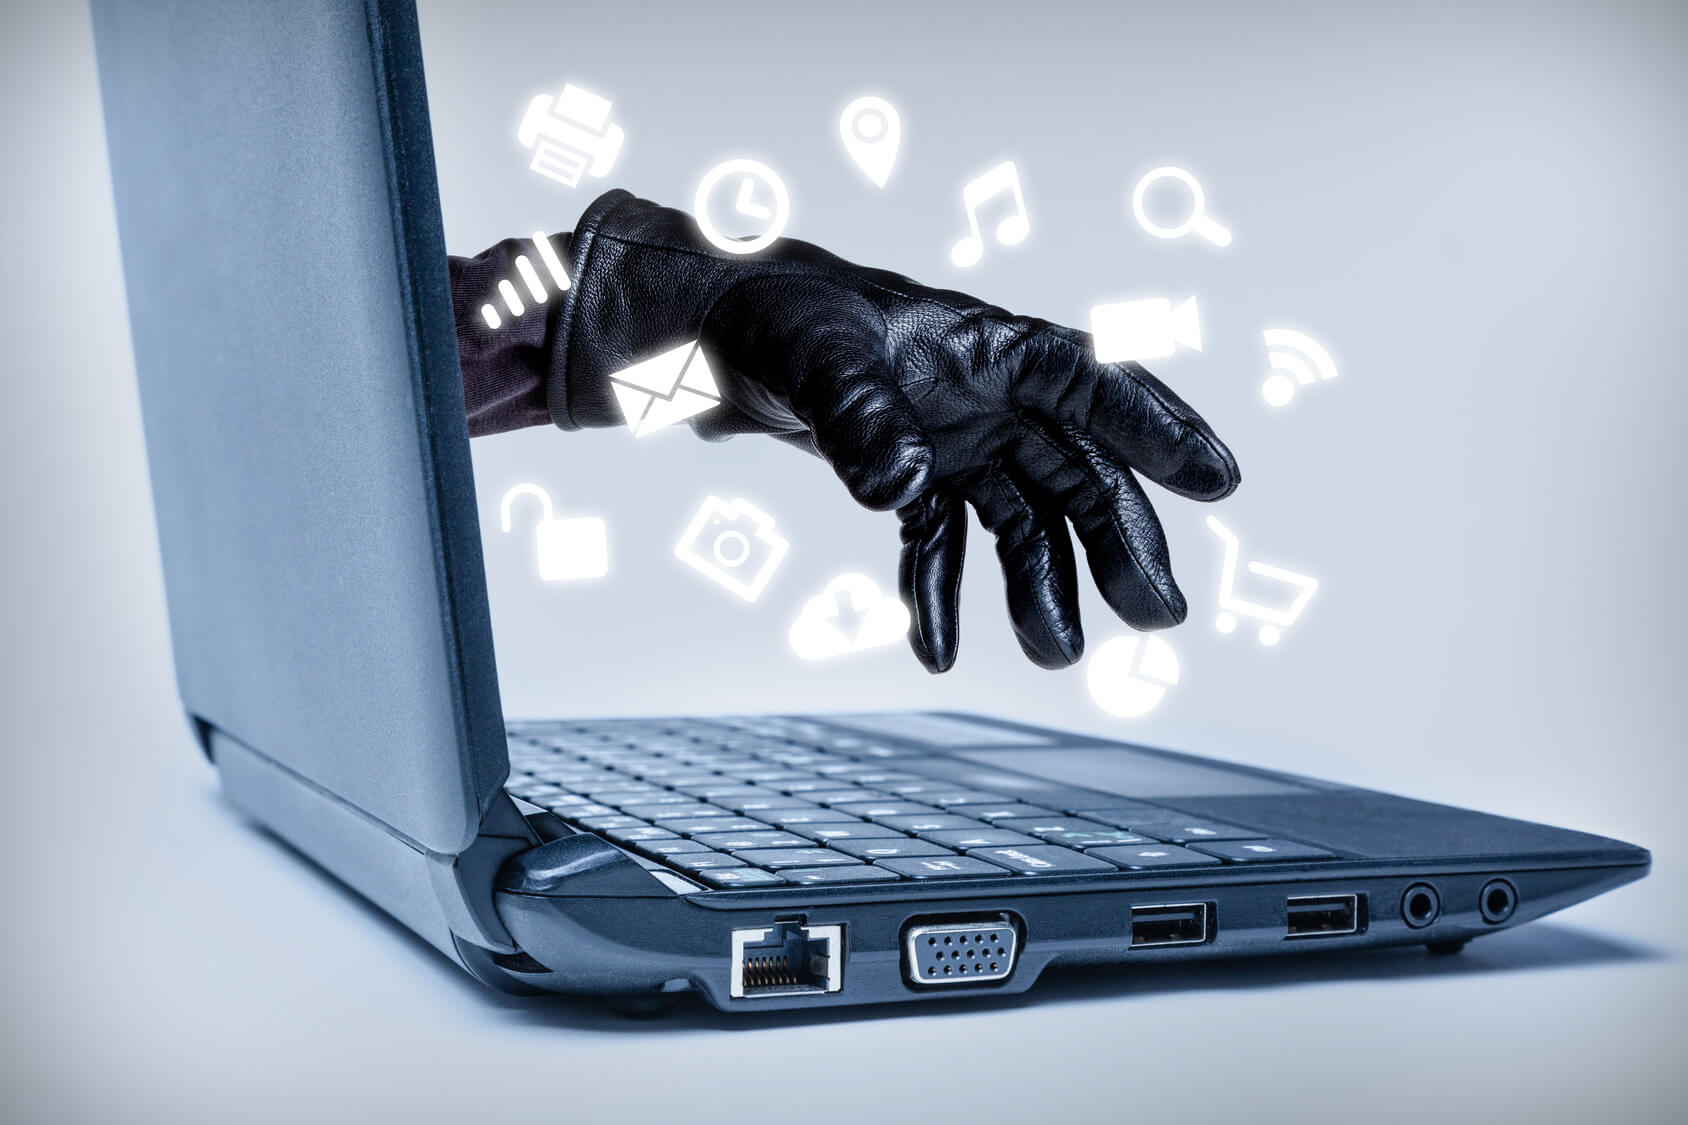 Cyberversicherung und Cyberkriminalität Teil 2